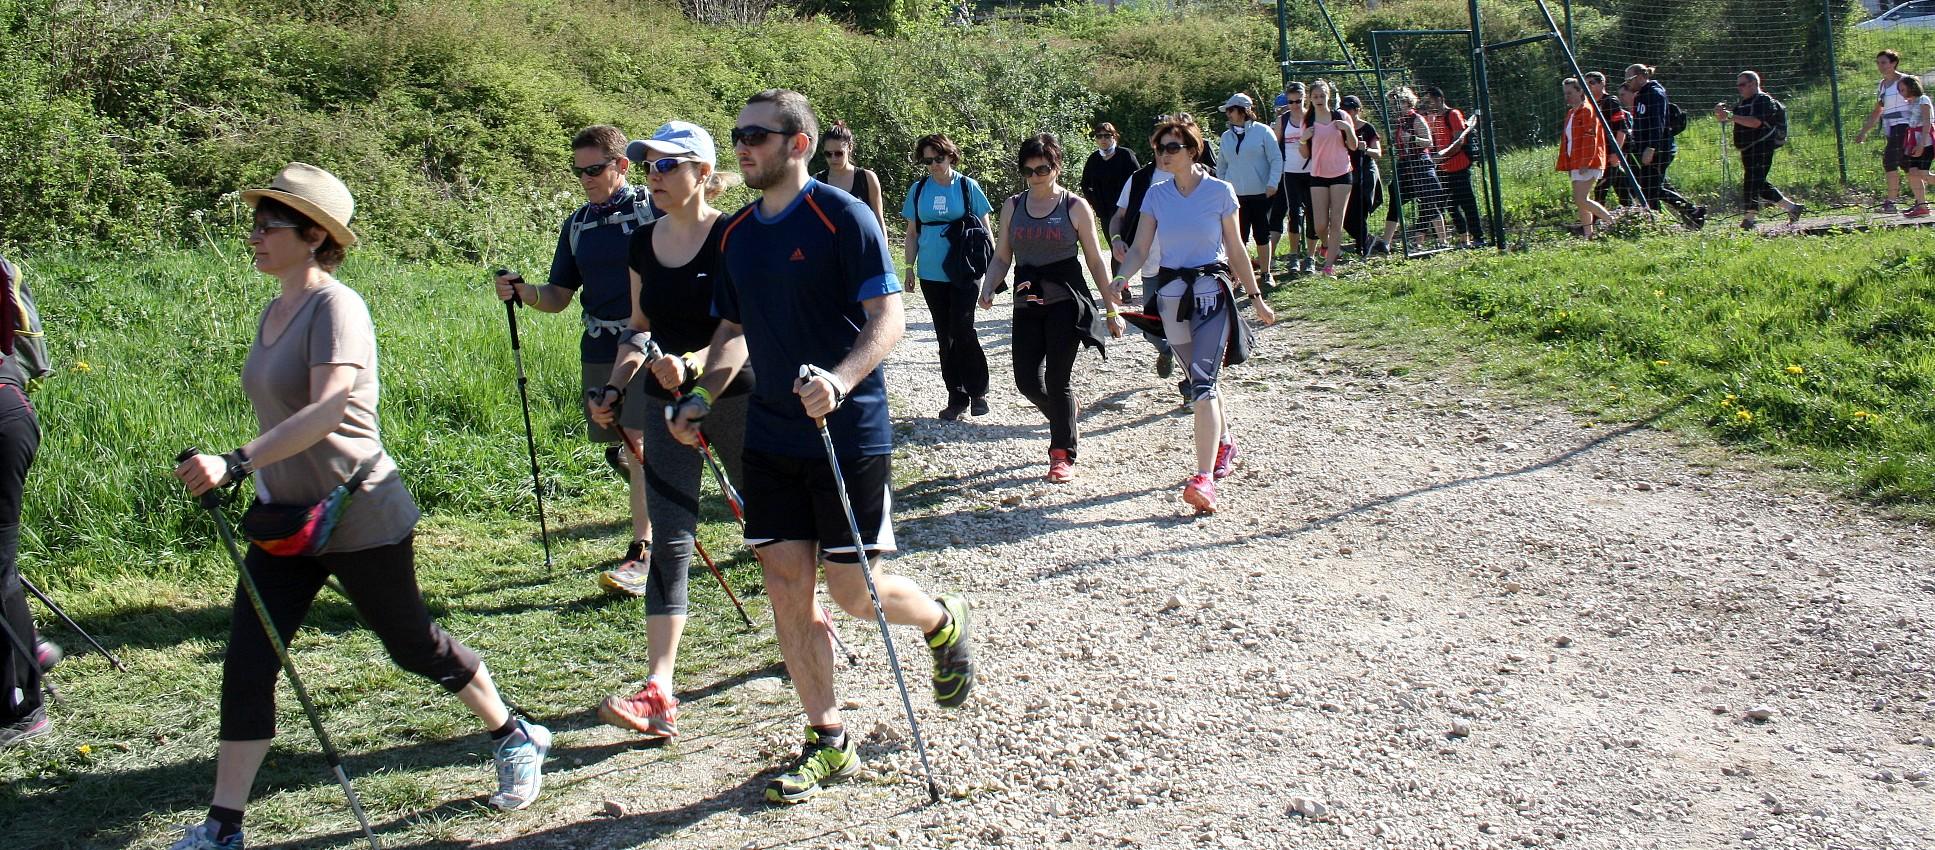 2017-04-09 - Trail-Montfaucon-Juliette (97)